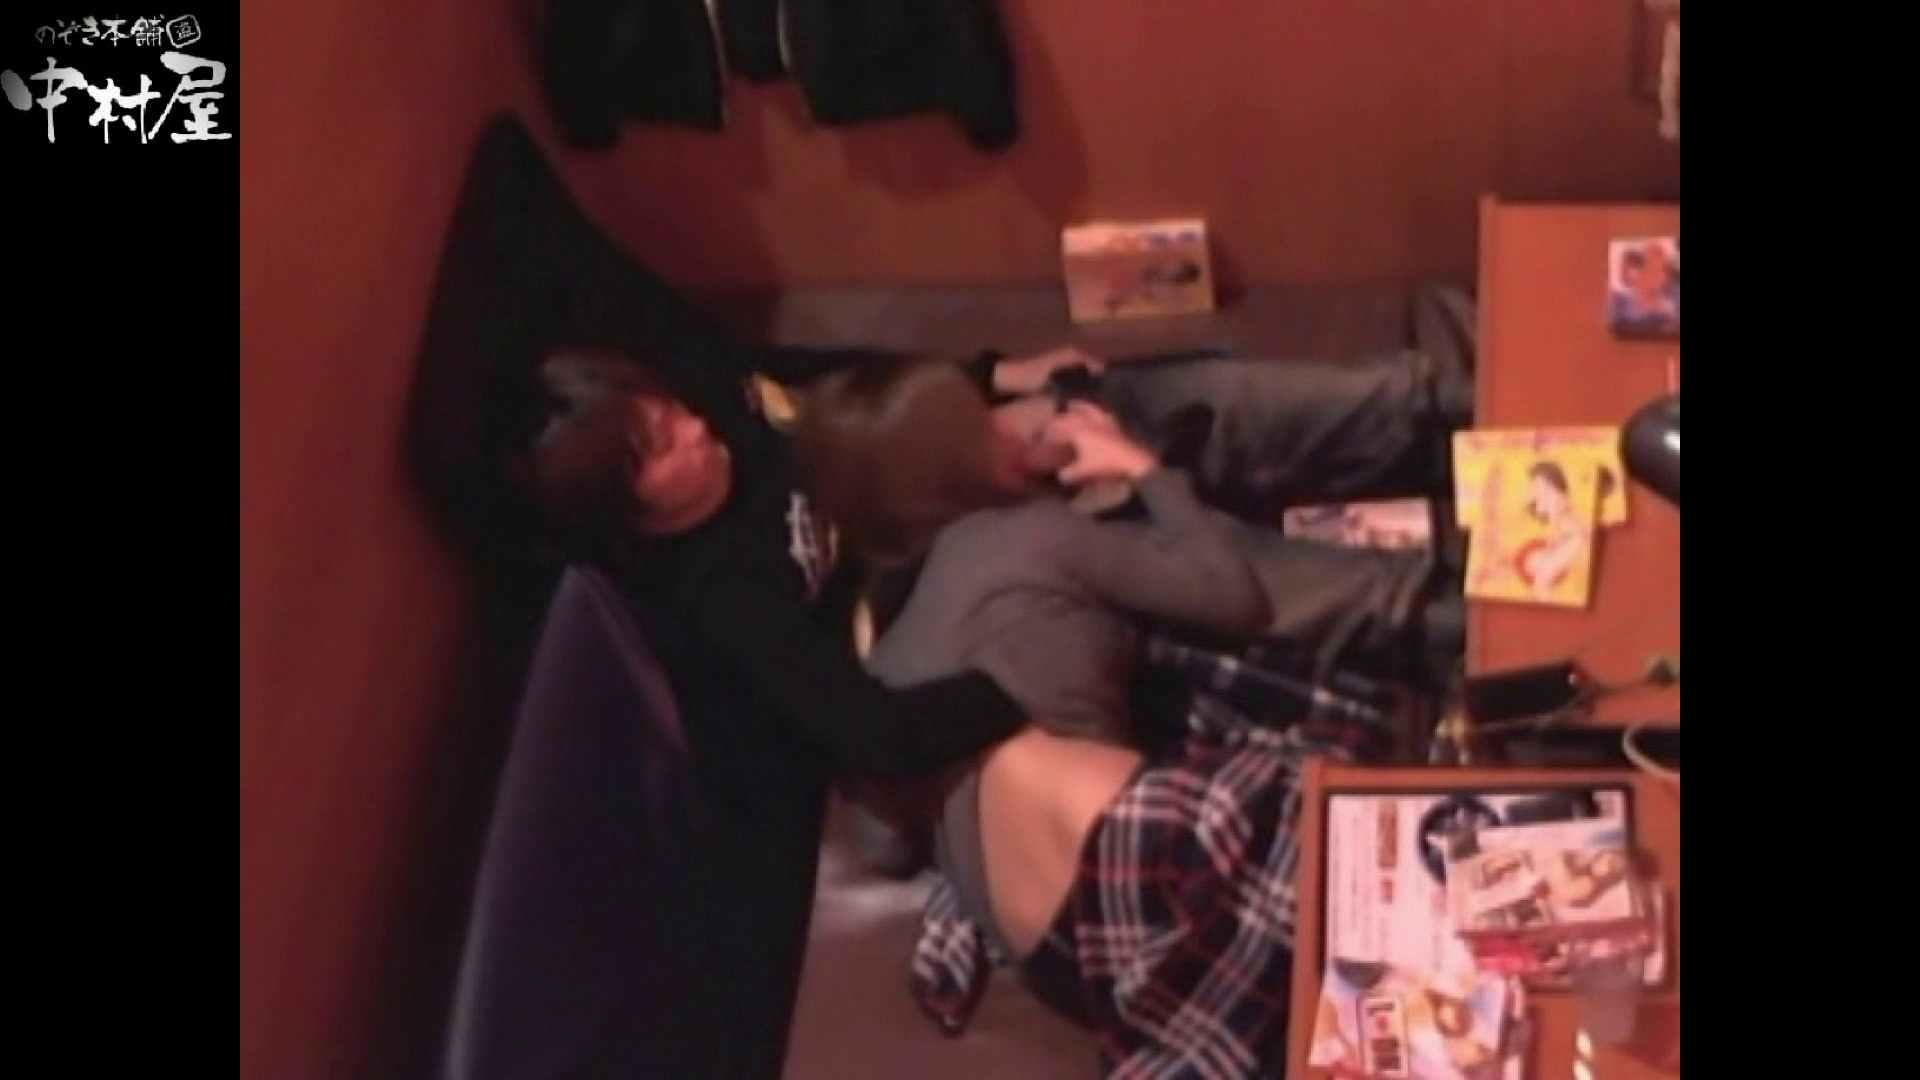 ネットカフェ盗撮師トロントさんの 素人カップル盗撮記vol.2 勃起 盗撮動画紹介 100pic 54